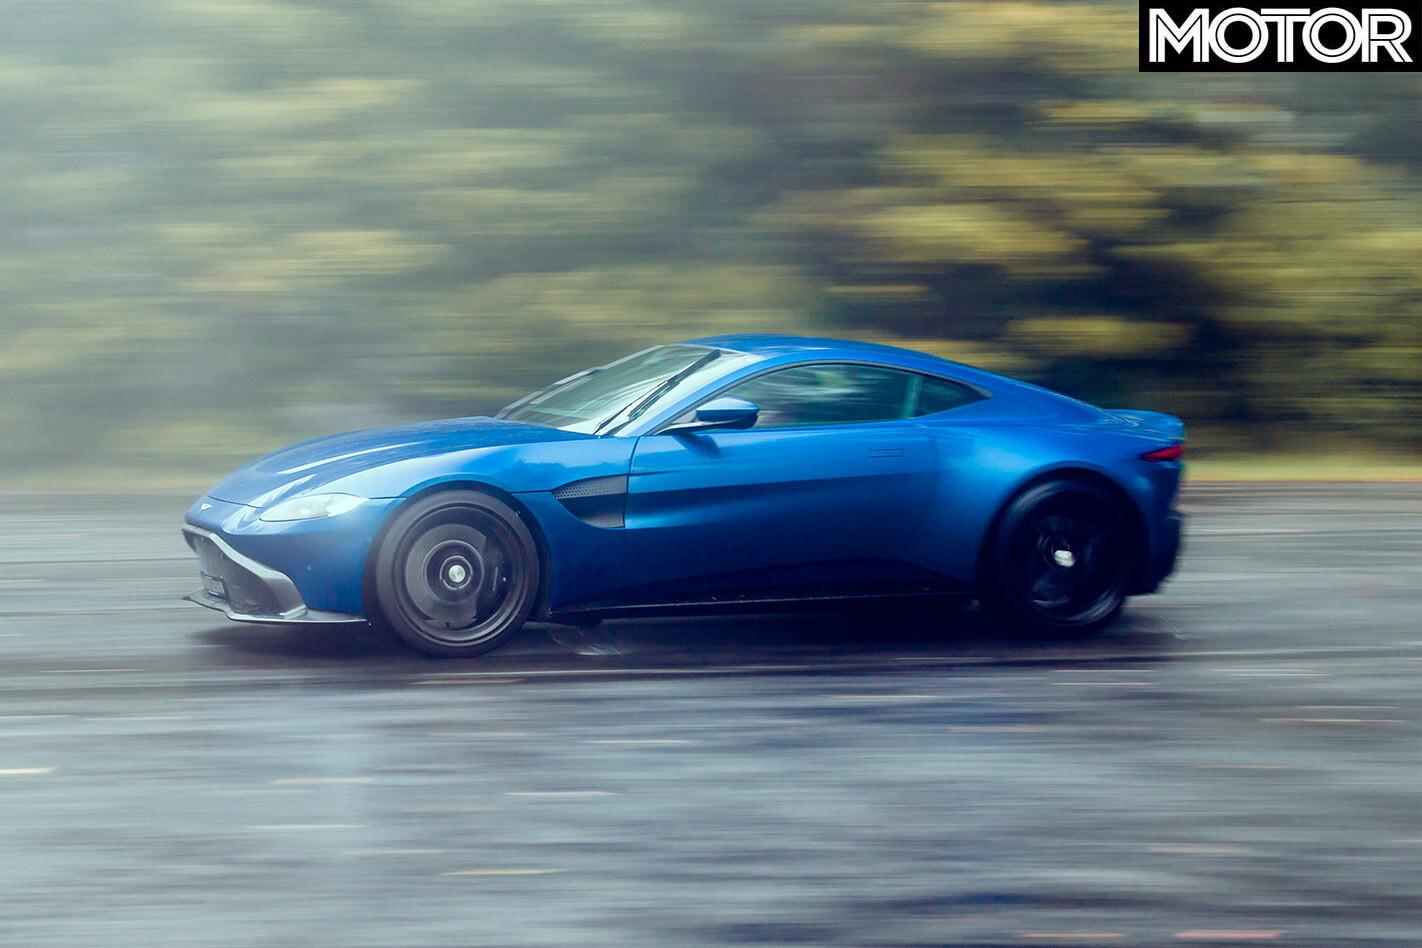 Aston Martin Vantage onroad